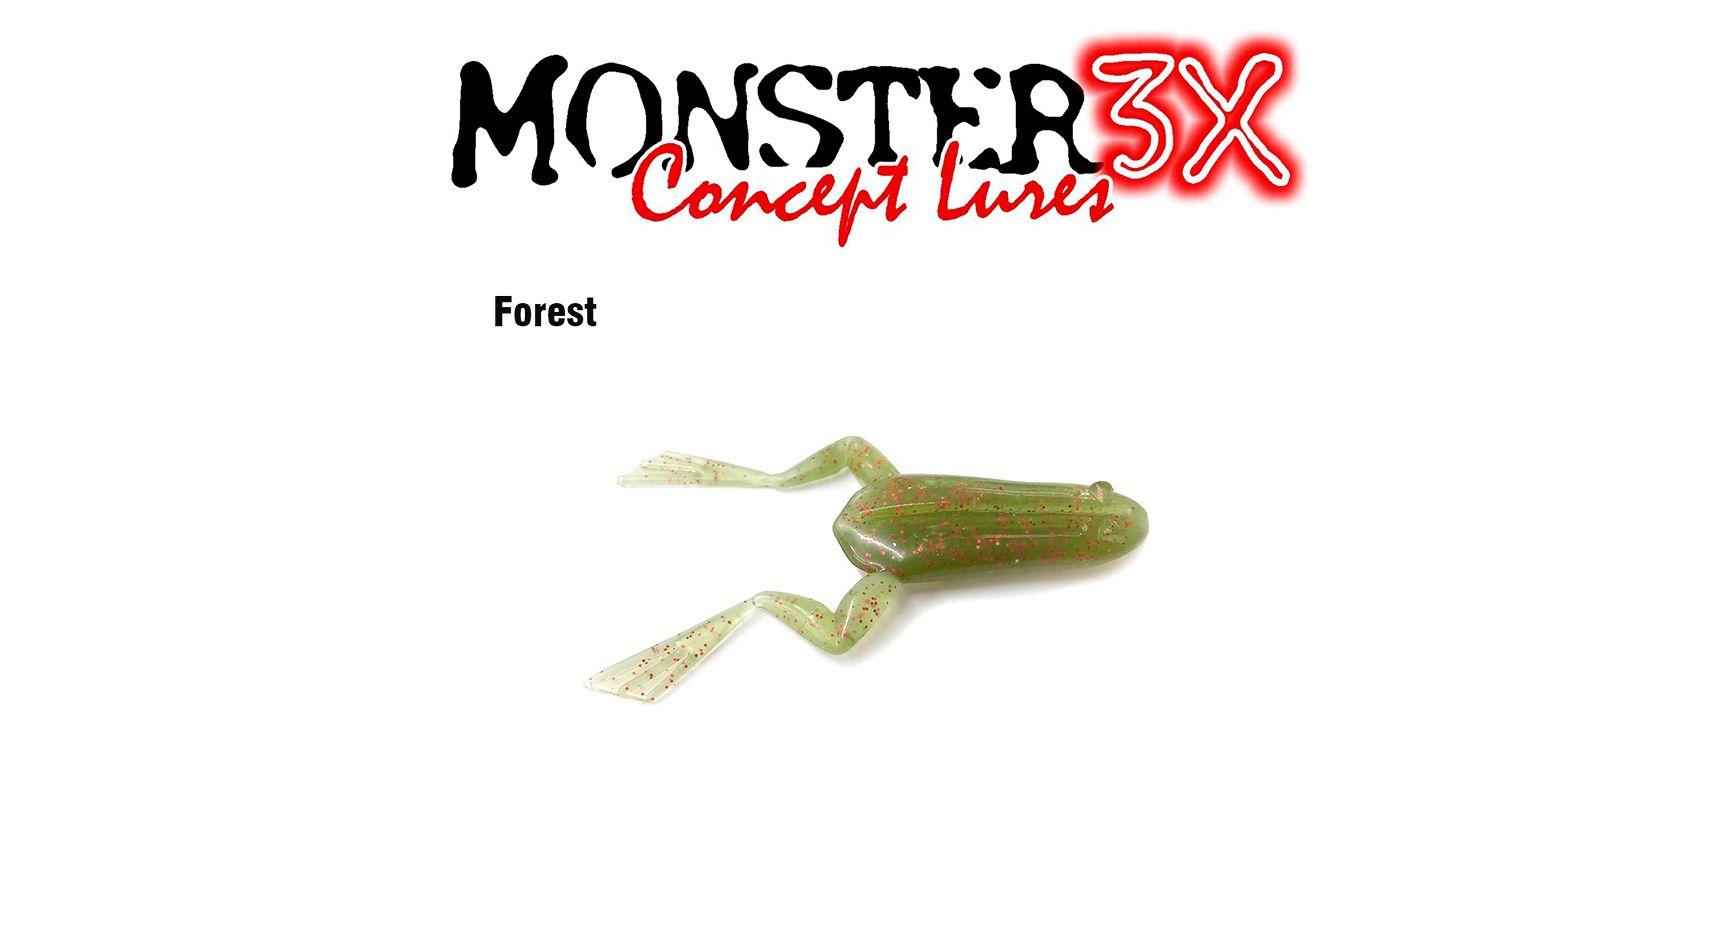 Isca Artificial Soft Monster 3X X-Frog (9cm) 2 Unidades - Várias Cores  - Life Pesca - Sua loja de Pesca, Camping e Lazer